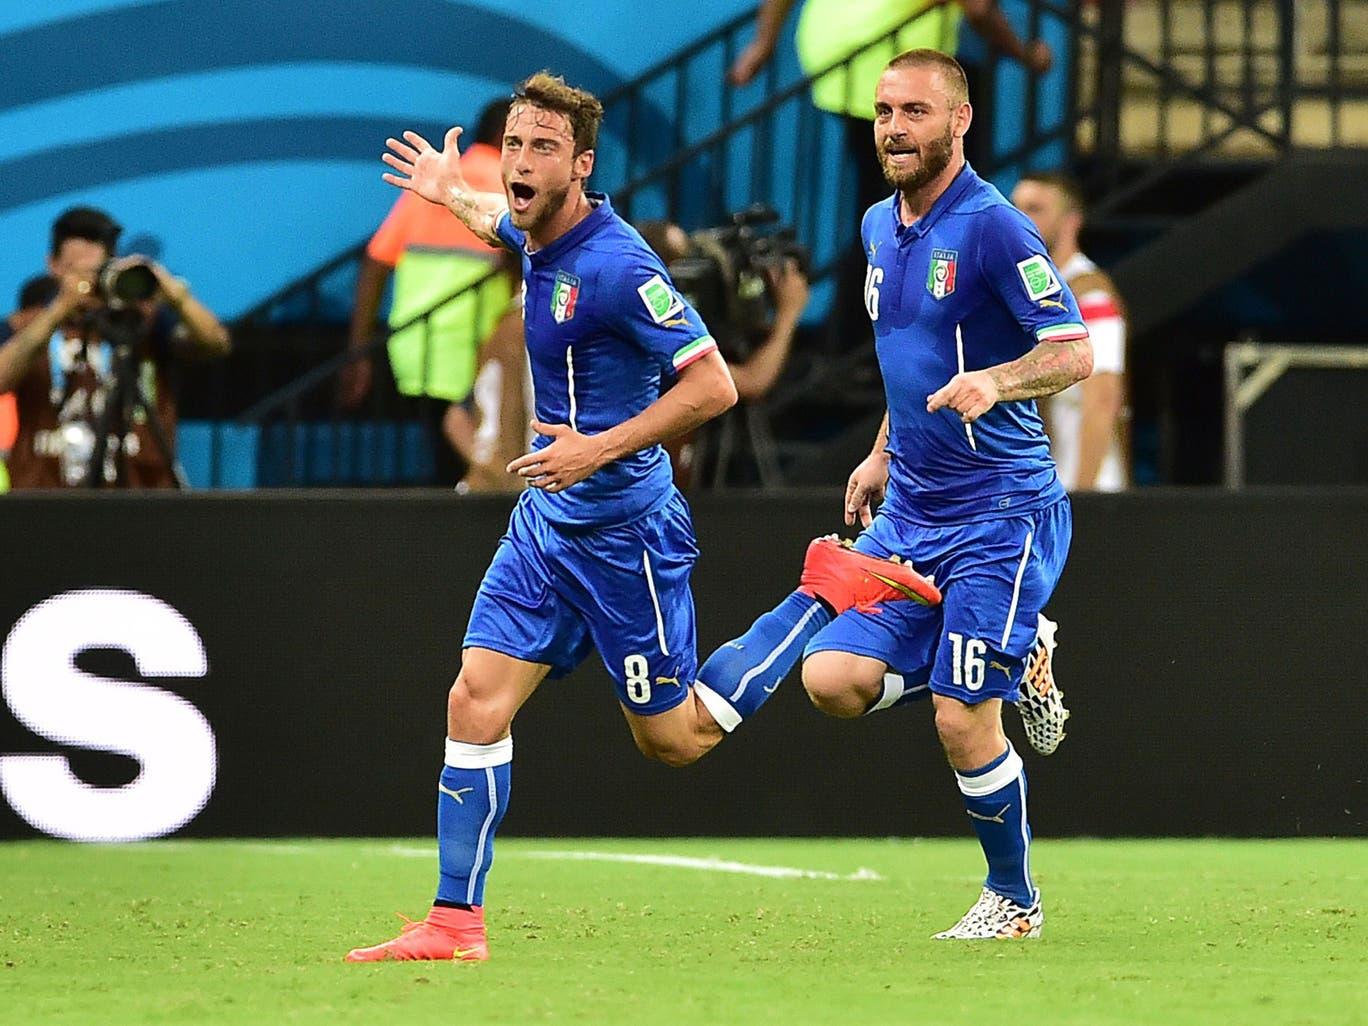 Tam sư đã từng hoảng loạn ra sao trước tuyển Ý? - Bóng Đá